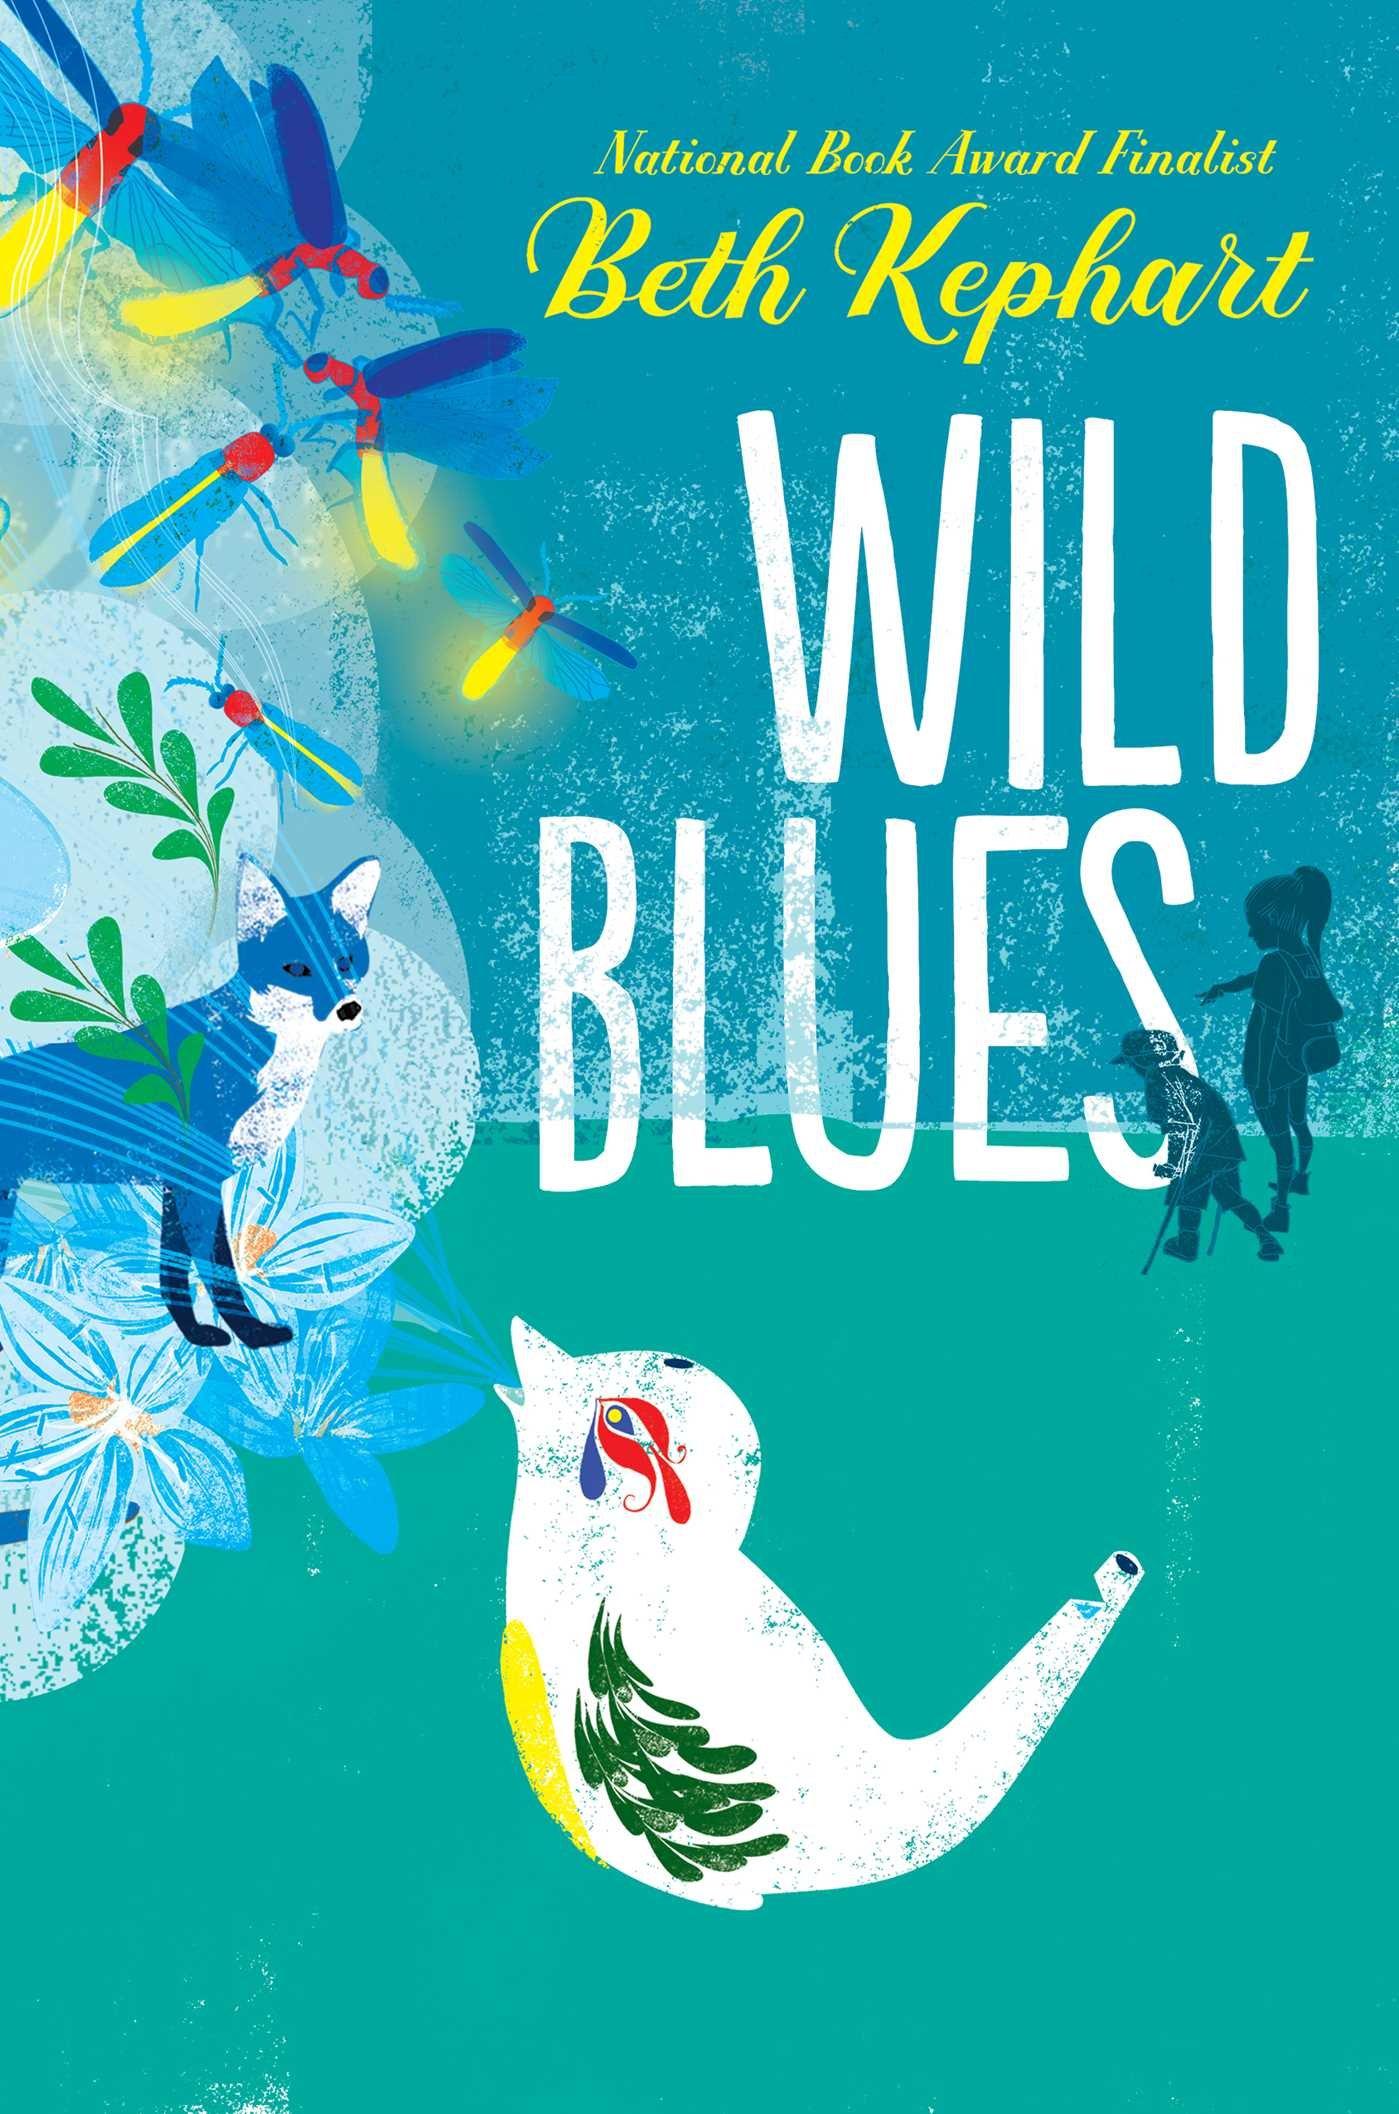 Wild Blues (9781481491532): Kephart, Beth, Sulit, William: Books -  Amazon.com